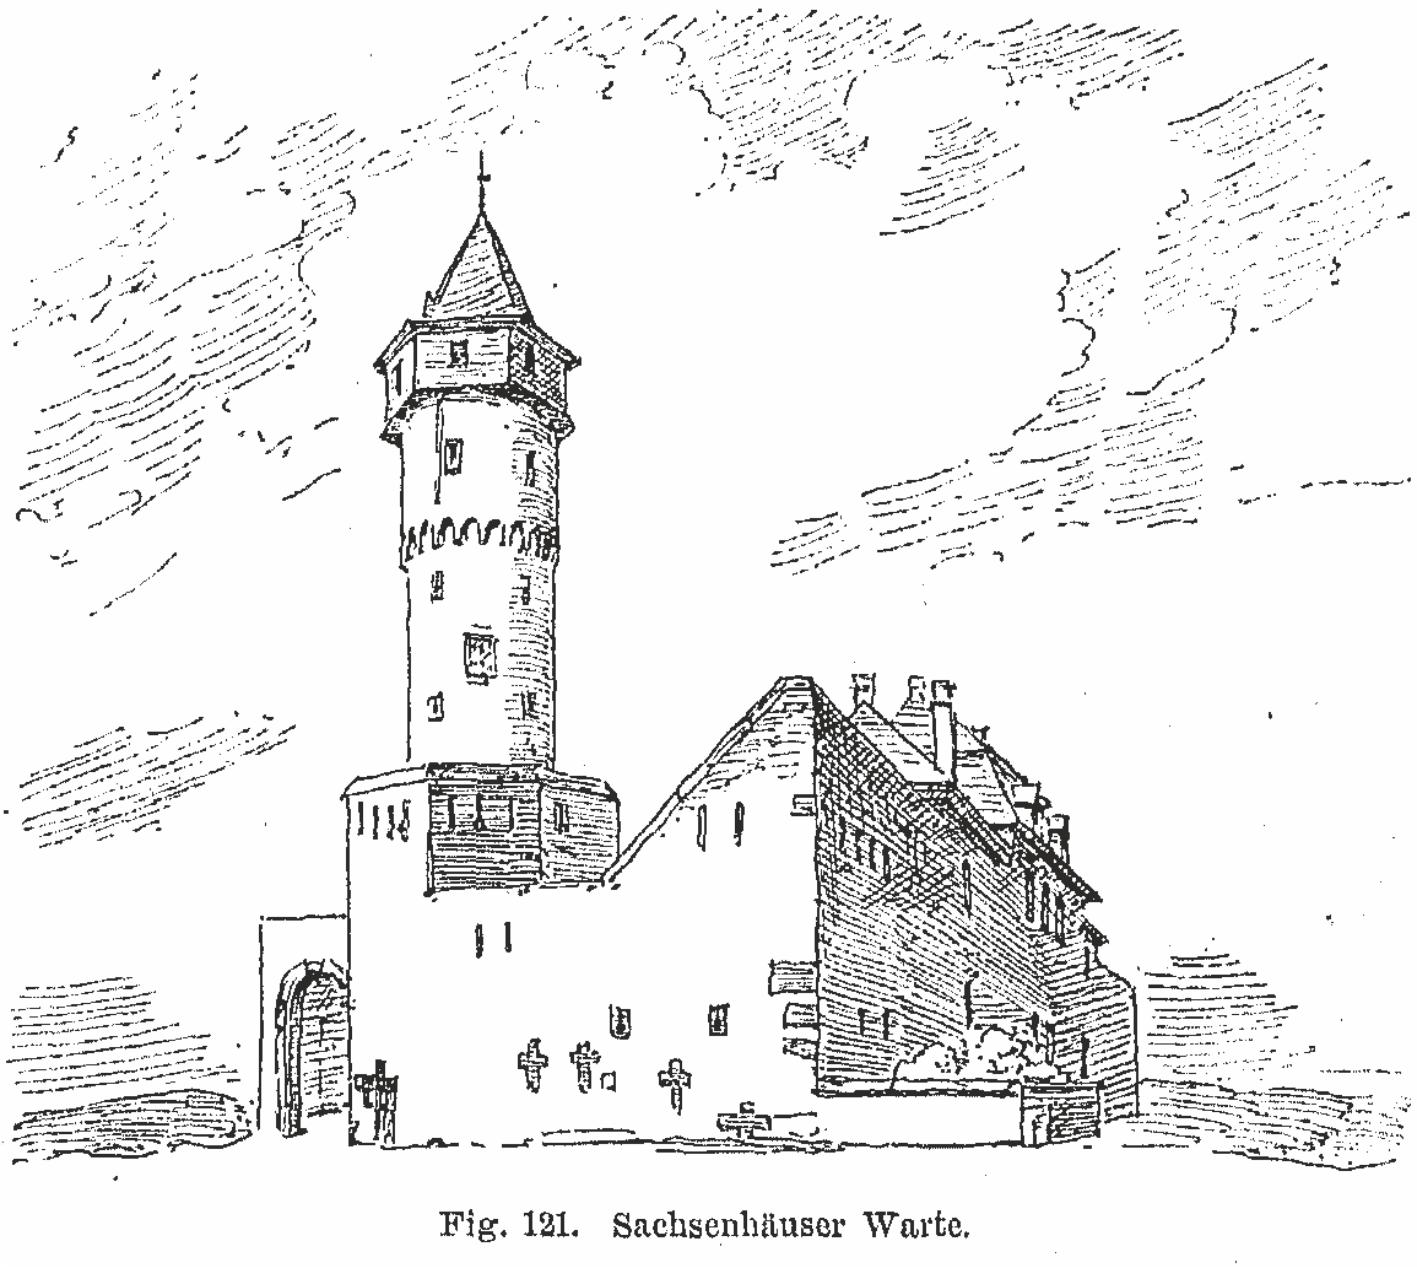 Sachsenhäuser Warte - Zeichnung1